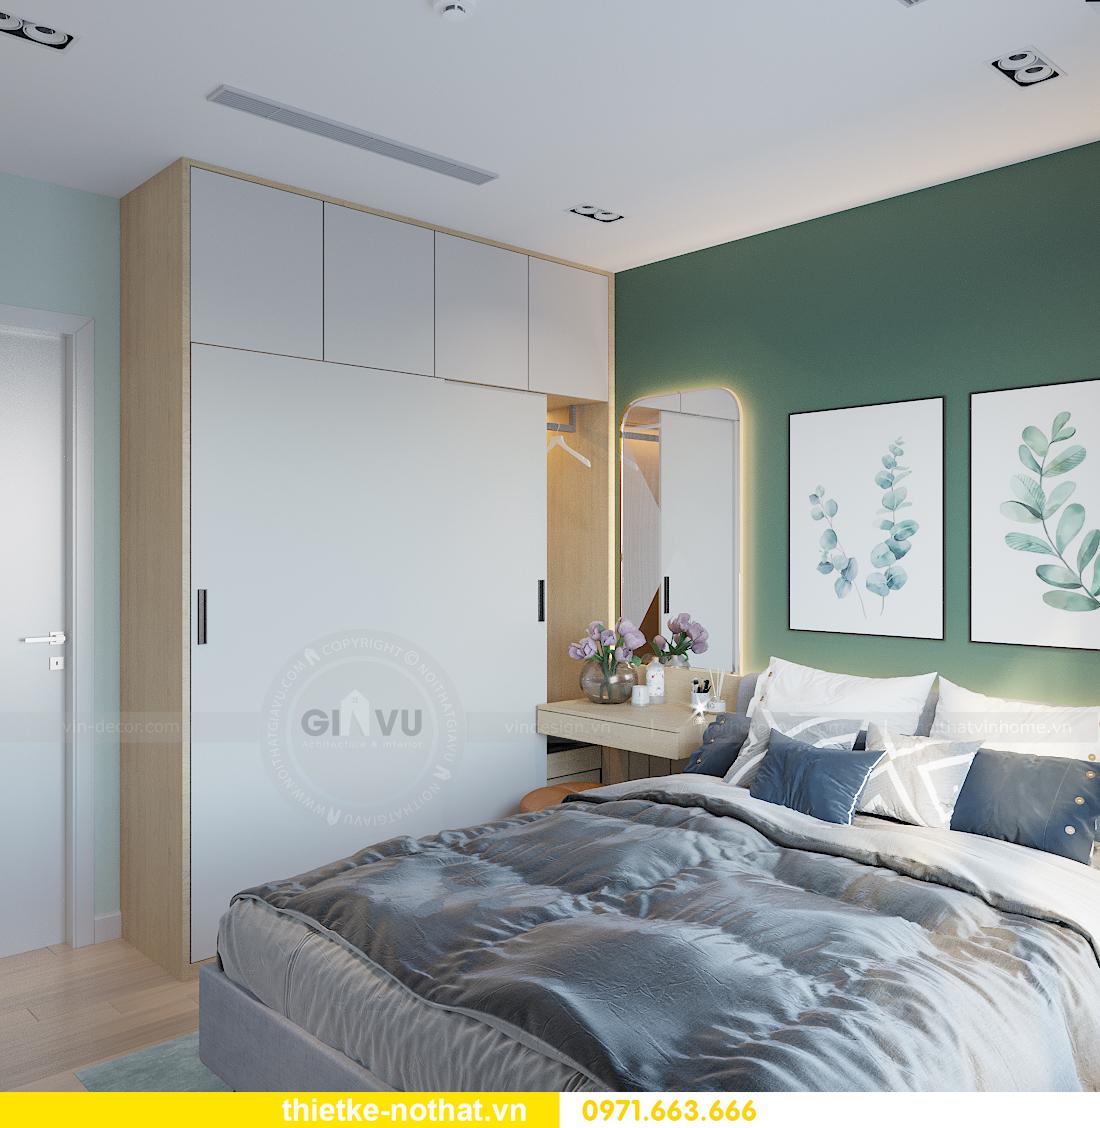 thiết kế nội thất chung cư Smart City tòa S101 căn 11 11